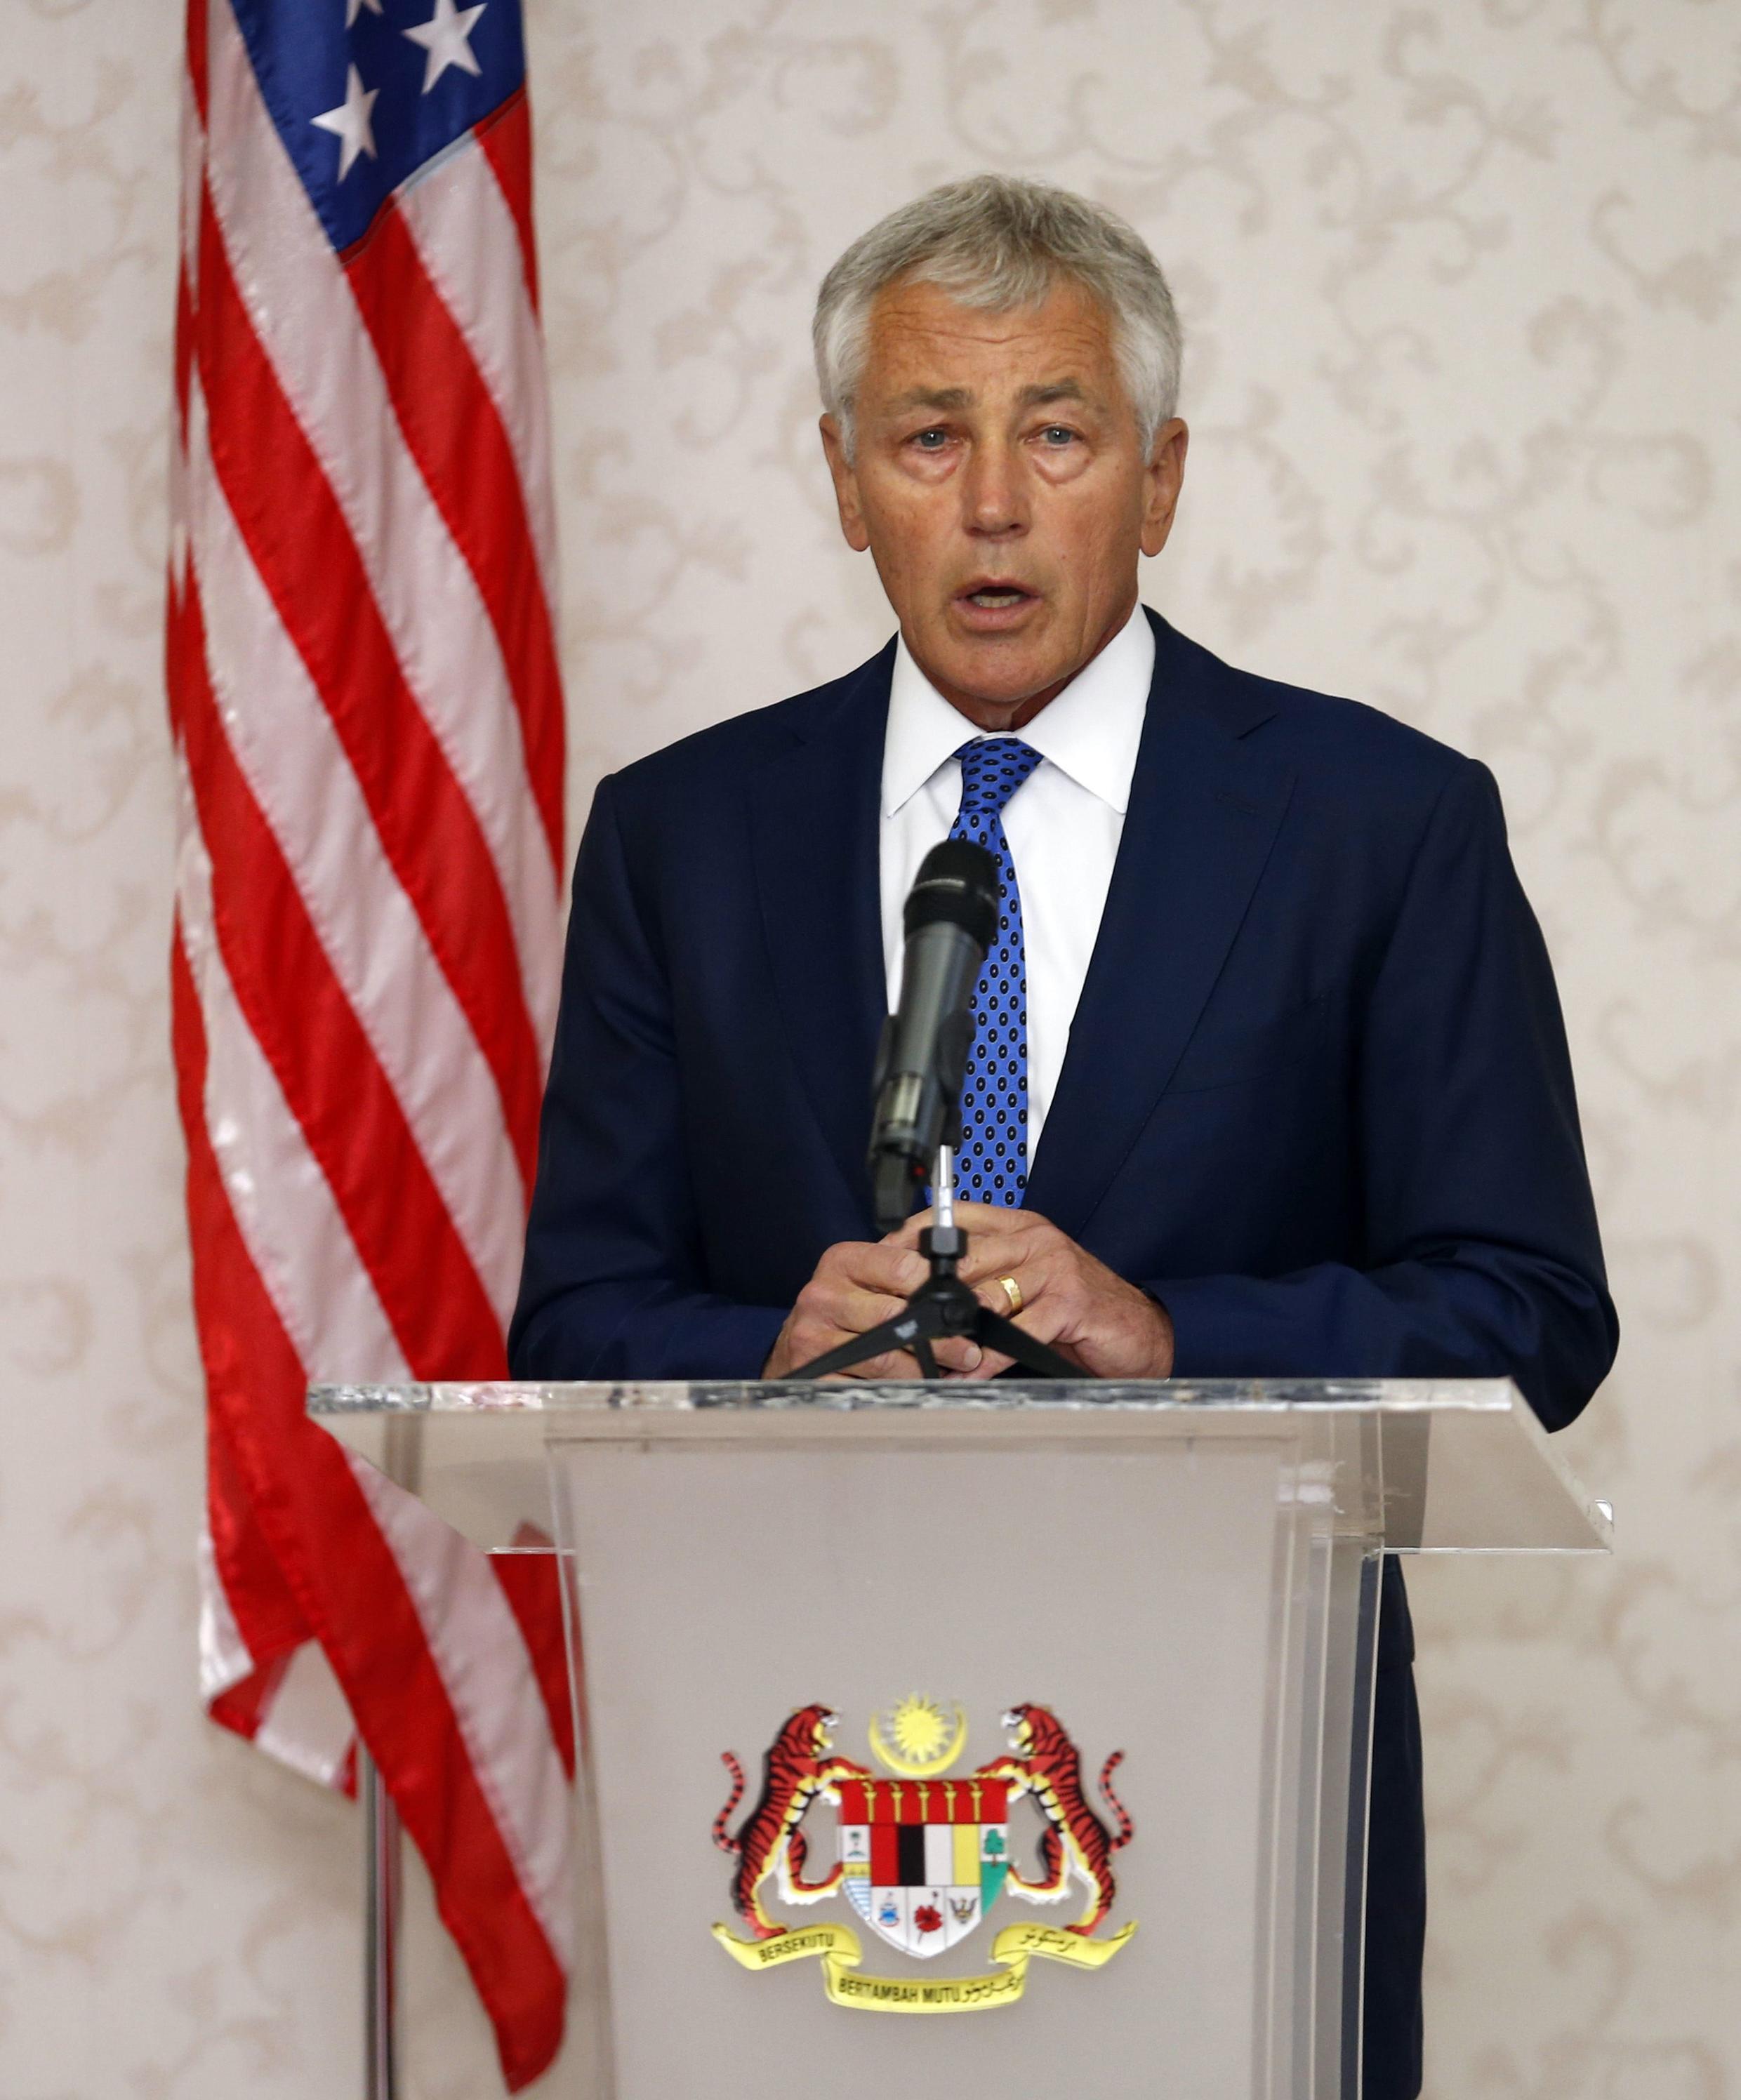 Bộ trưởng Quốc phòng Mỹ Chuck Hagel trong buổi họp báo với người đồng nhiệm Malaysia tại Kuala Lumpur hôm 25/08/2013.